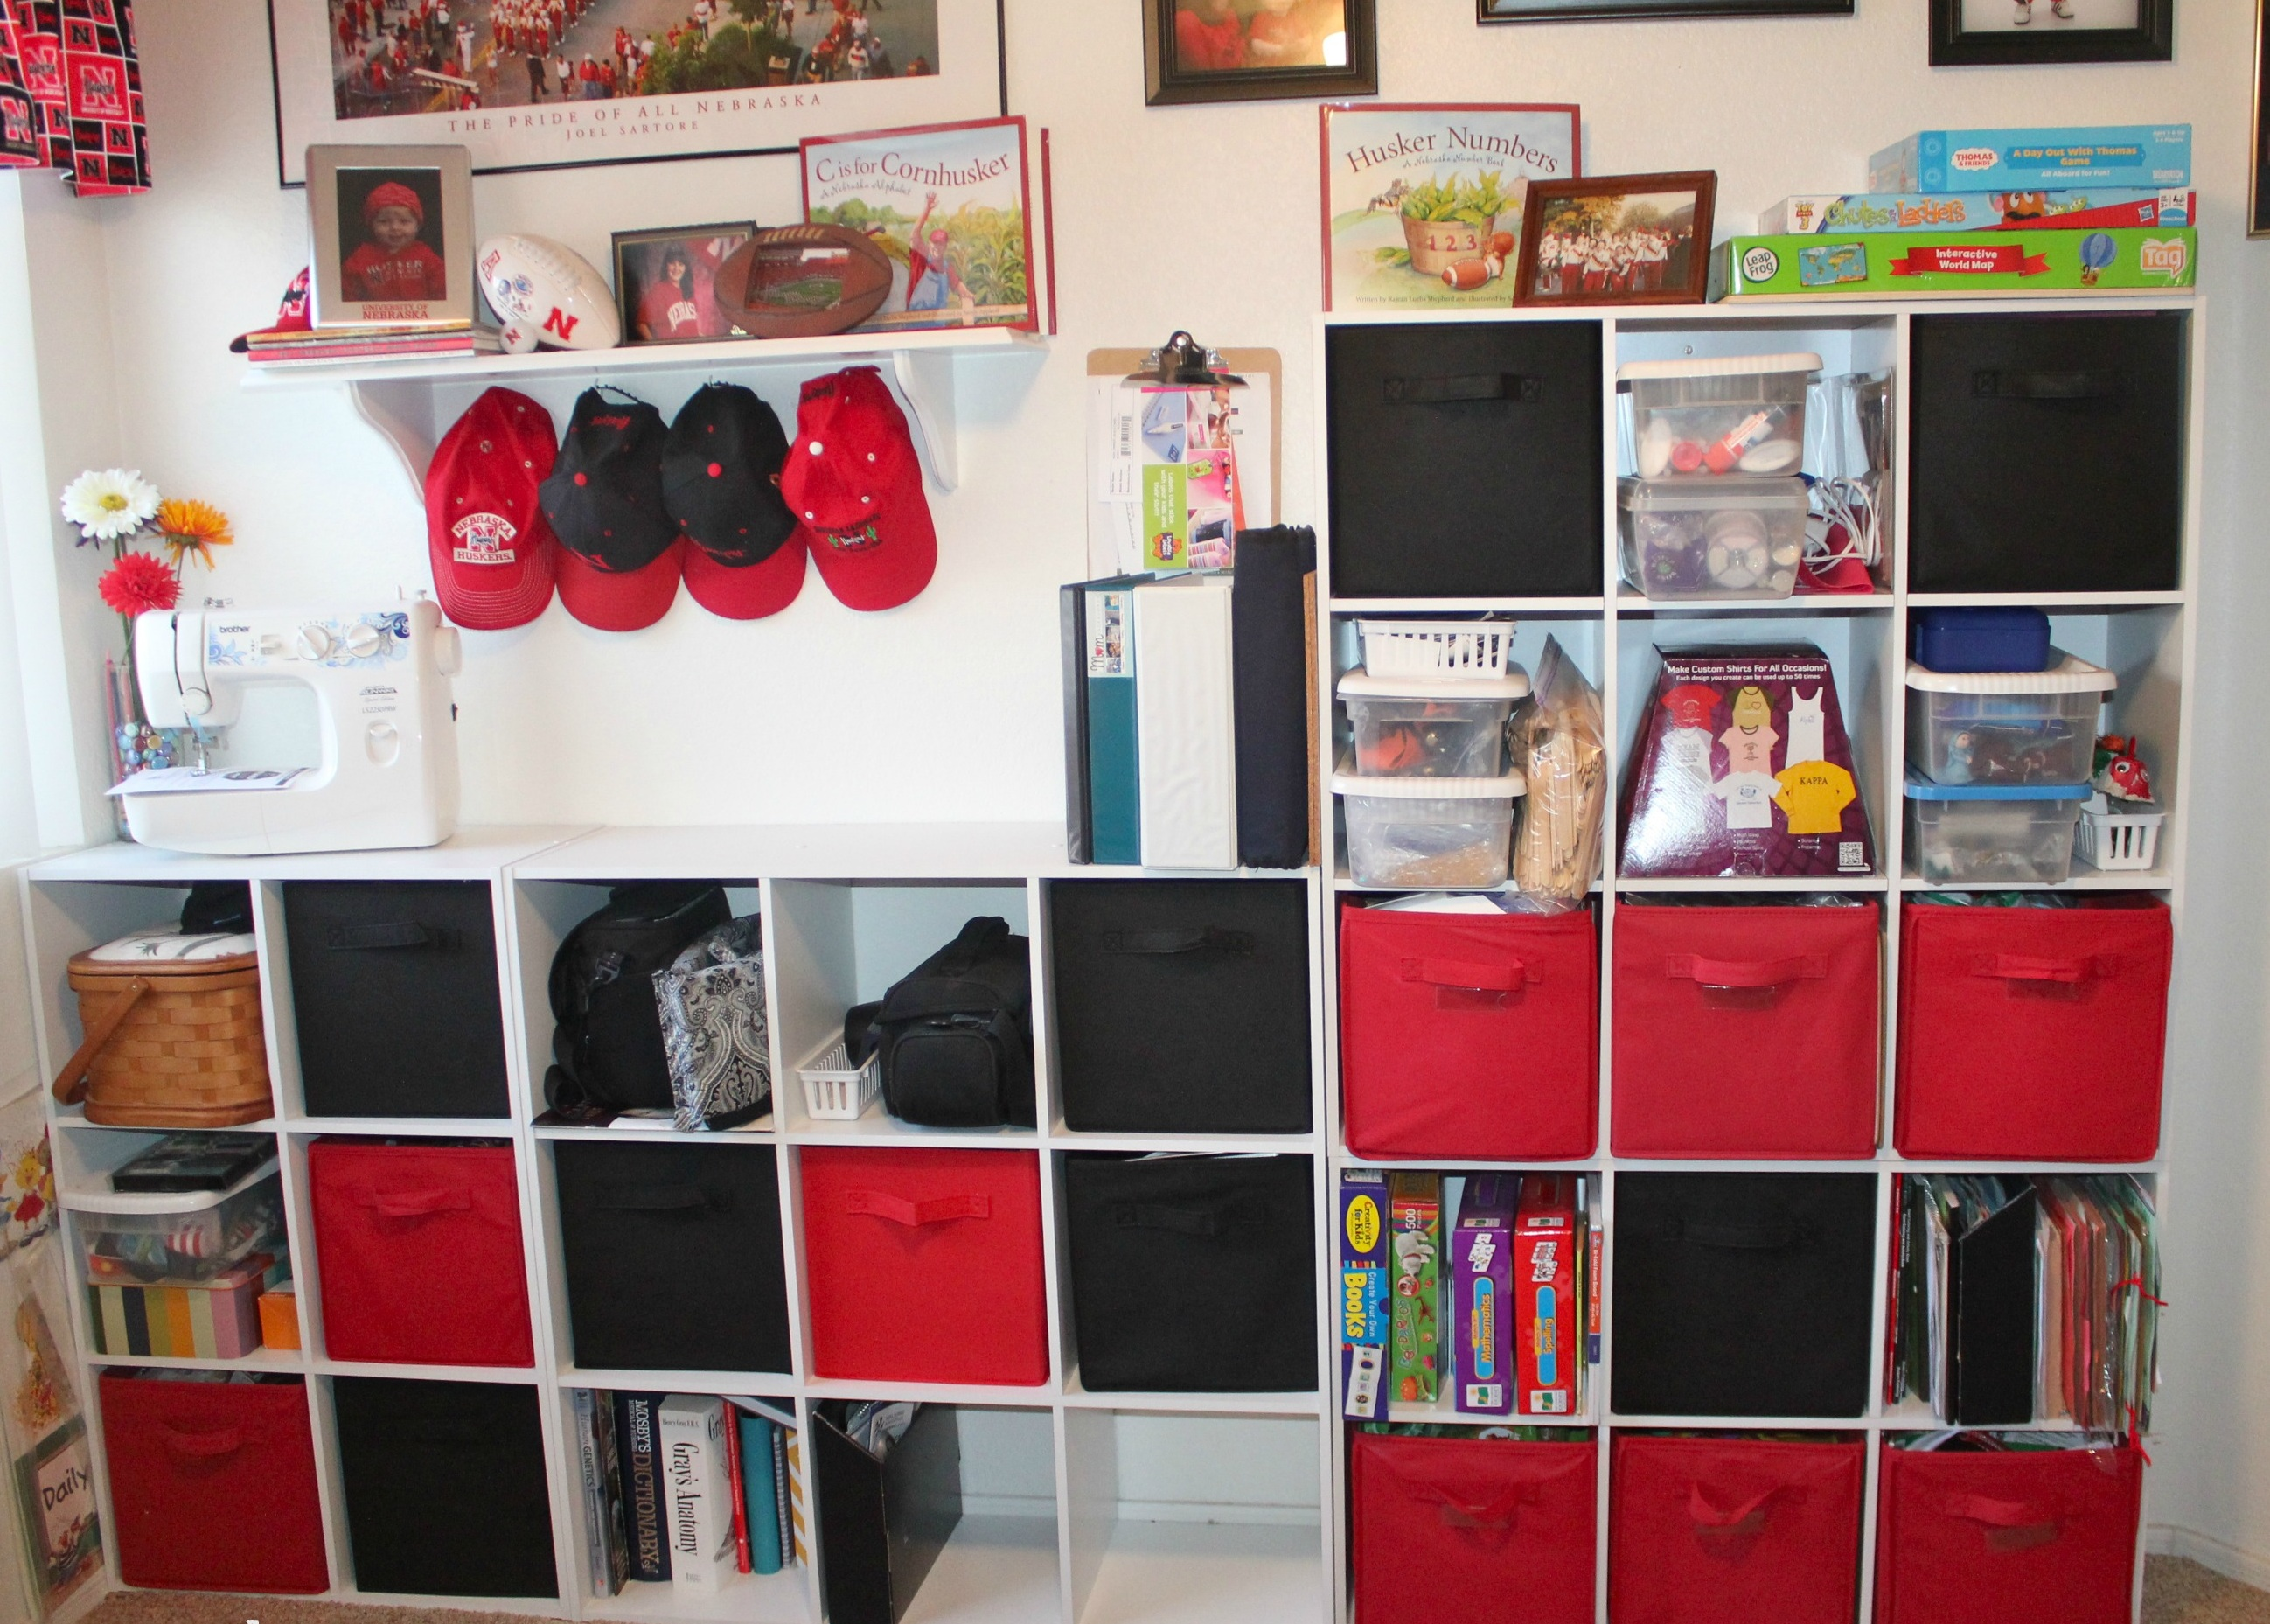 DIY Storage Ideas For Small Apartments - DIYCraftsGuru